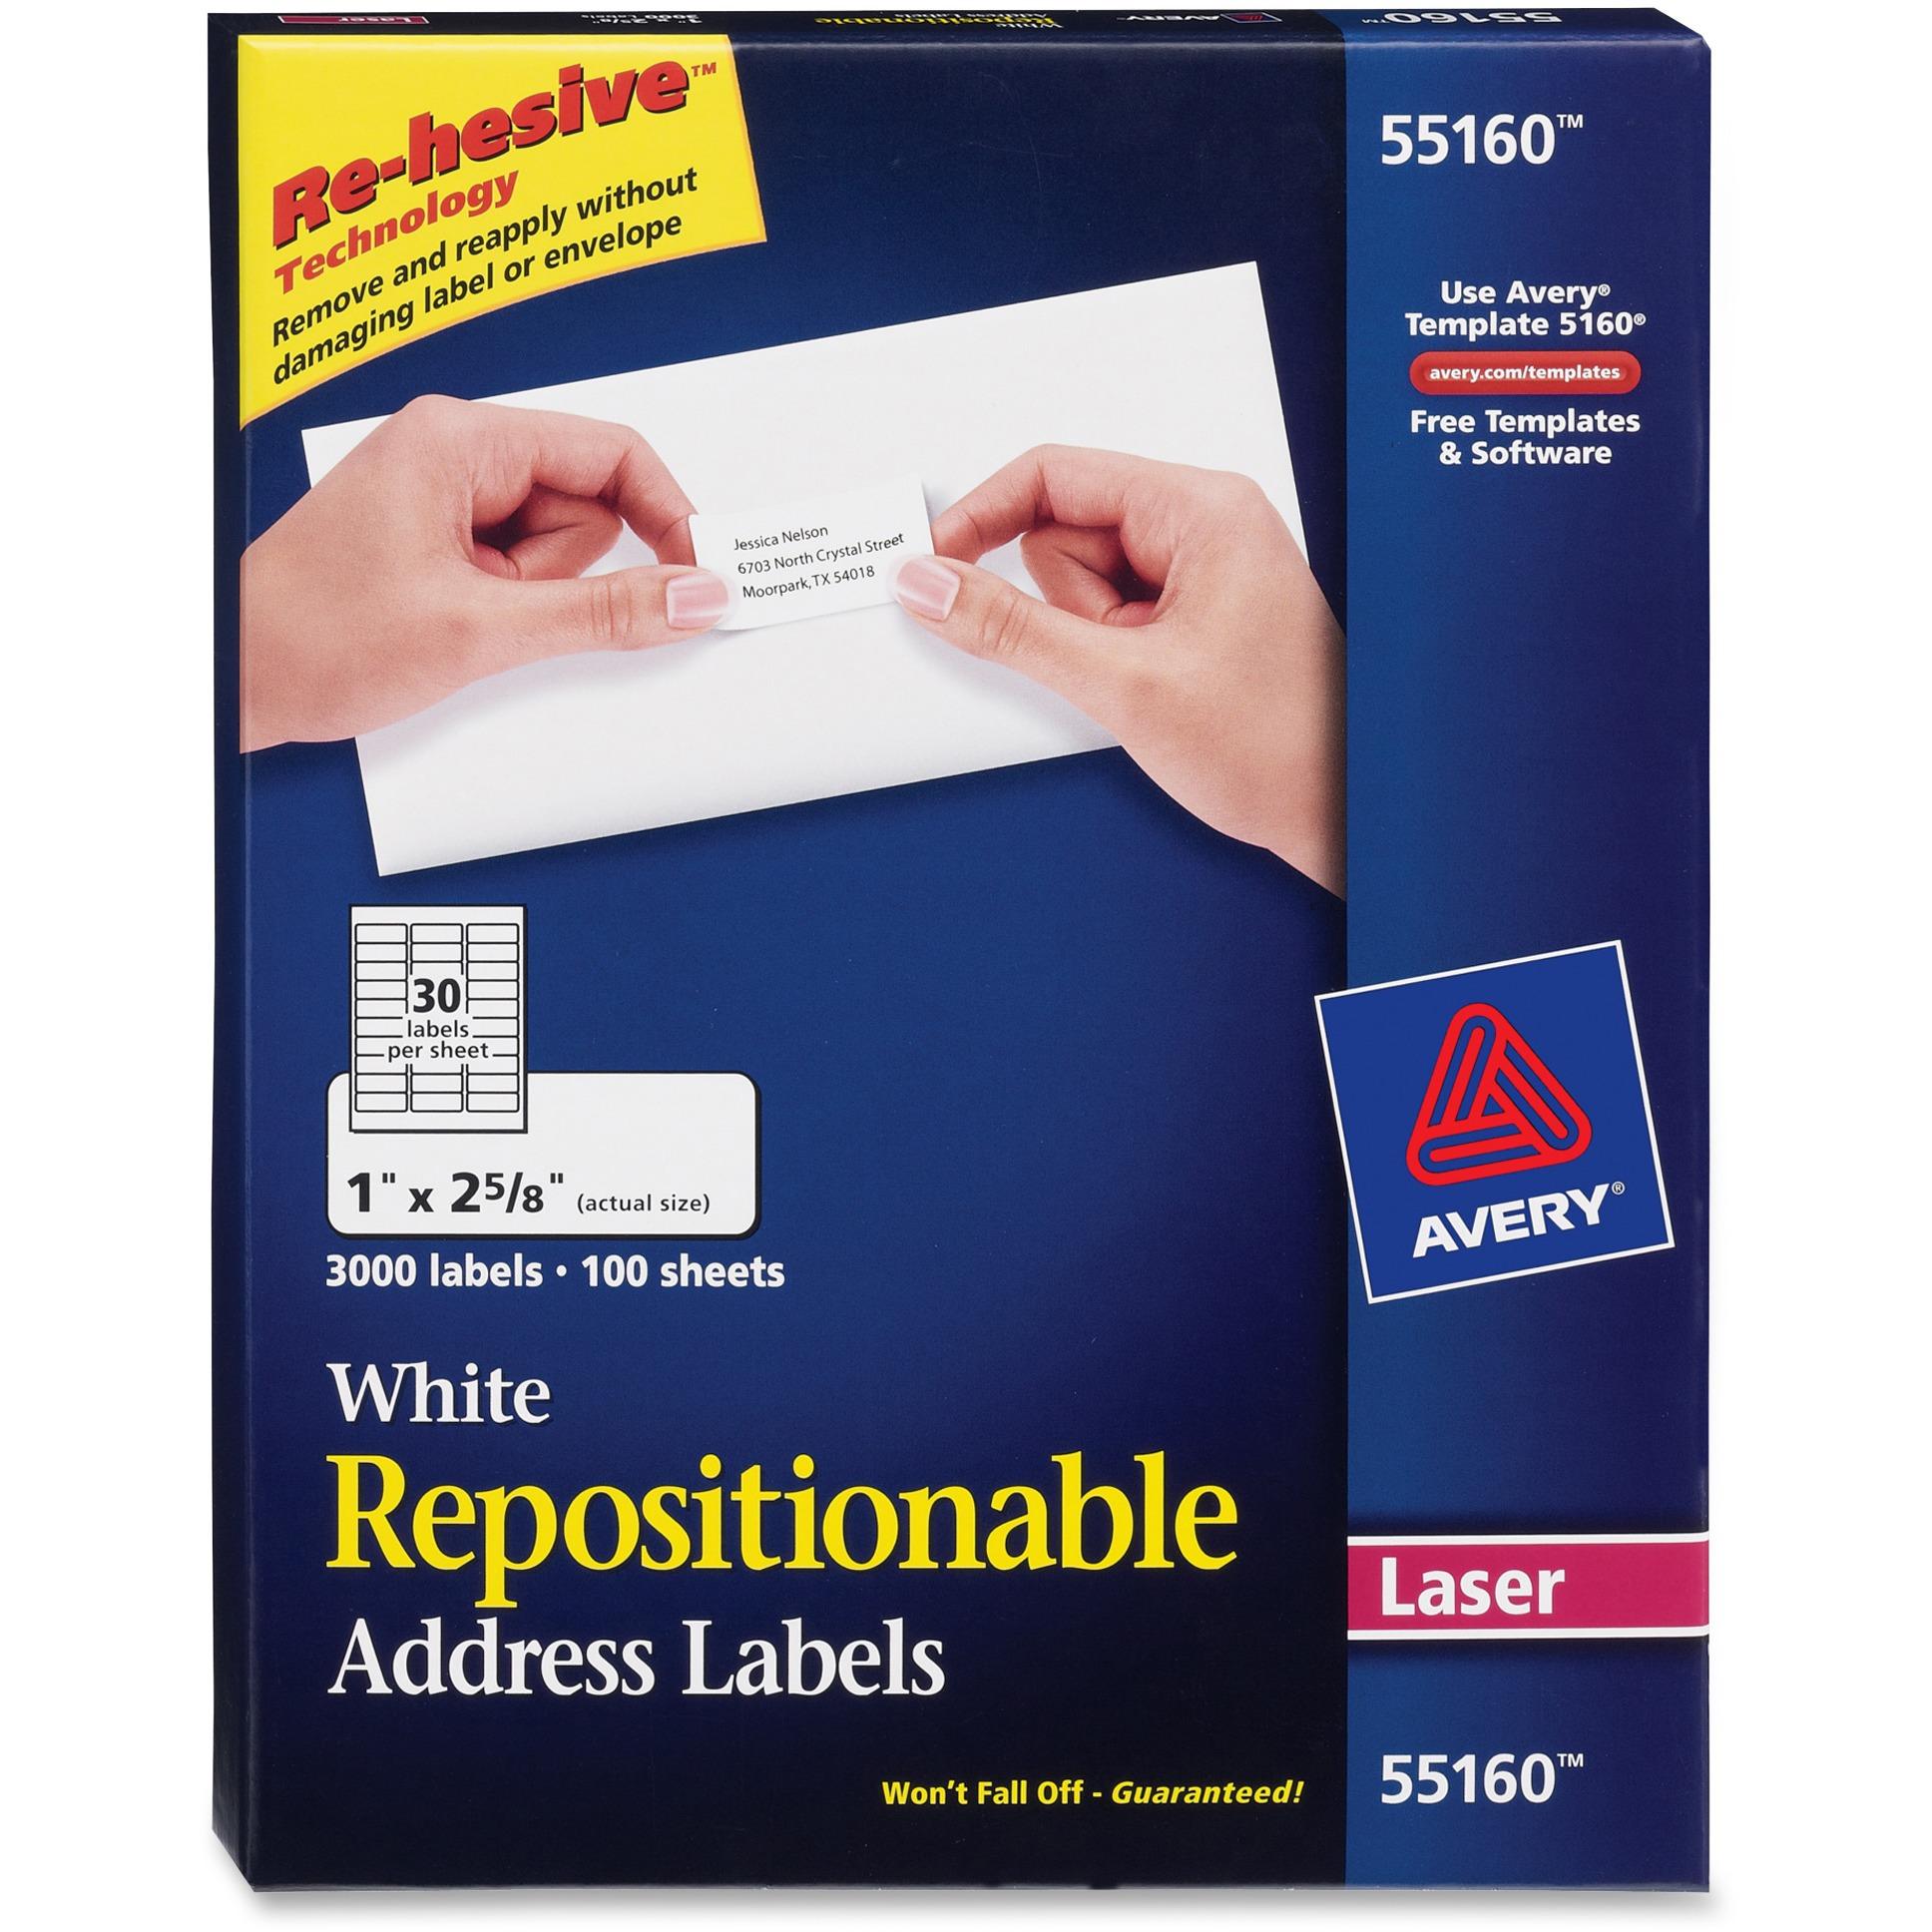 Avery Repositionable Address Labels, Inkjet/Laser, 1 x 2 5/8, White, 3000/Box